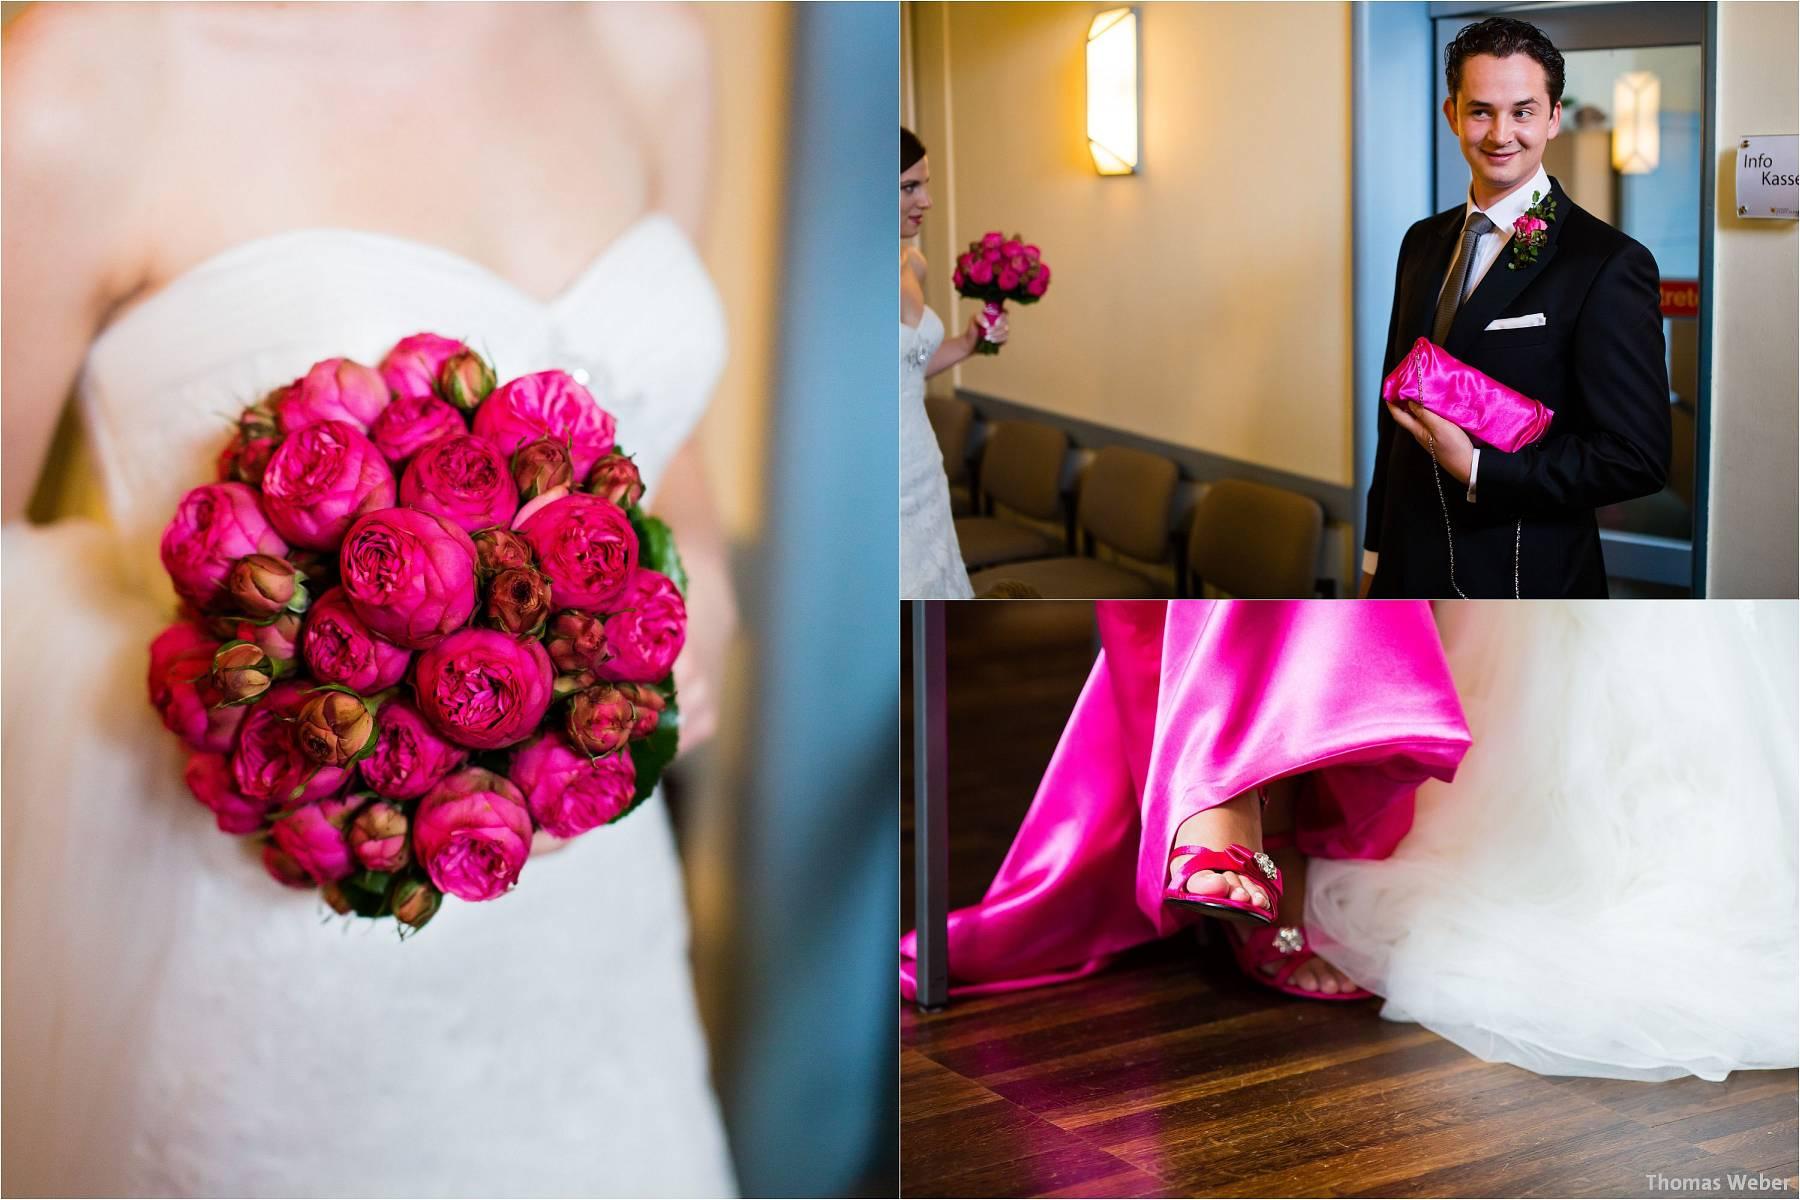 Hochzeitsfotograf Oldenburg: Russische Hochzeit im Standesamt am Pferdemarkt und Hochzeitsfeier im Landhaus Etzhorn (9)